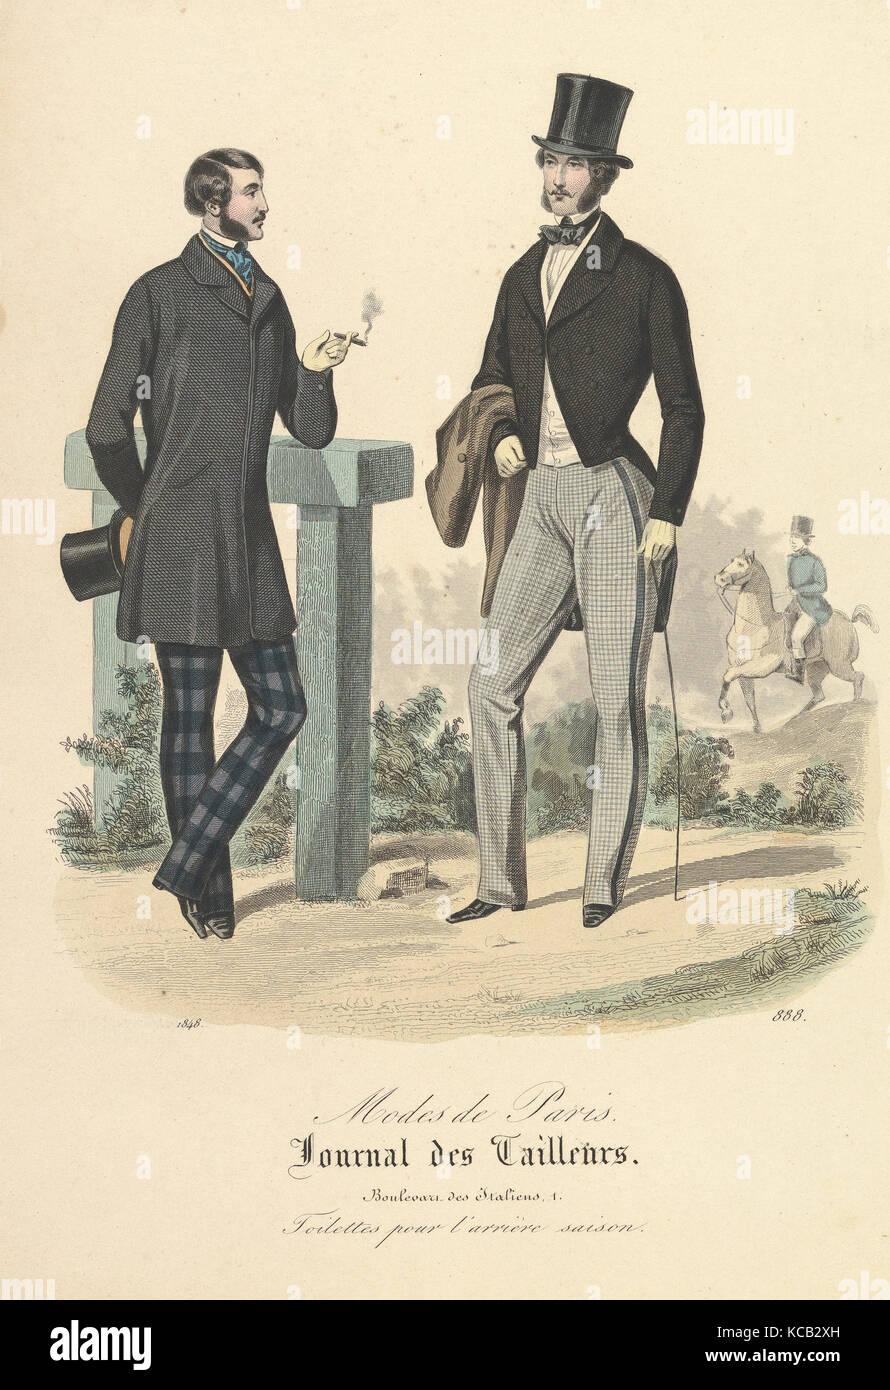 888 à partir de modes de Paris, Journal des tailleurs, anonyme, le français, 19e siècle, 1848 Photo Stock